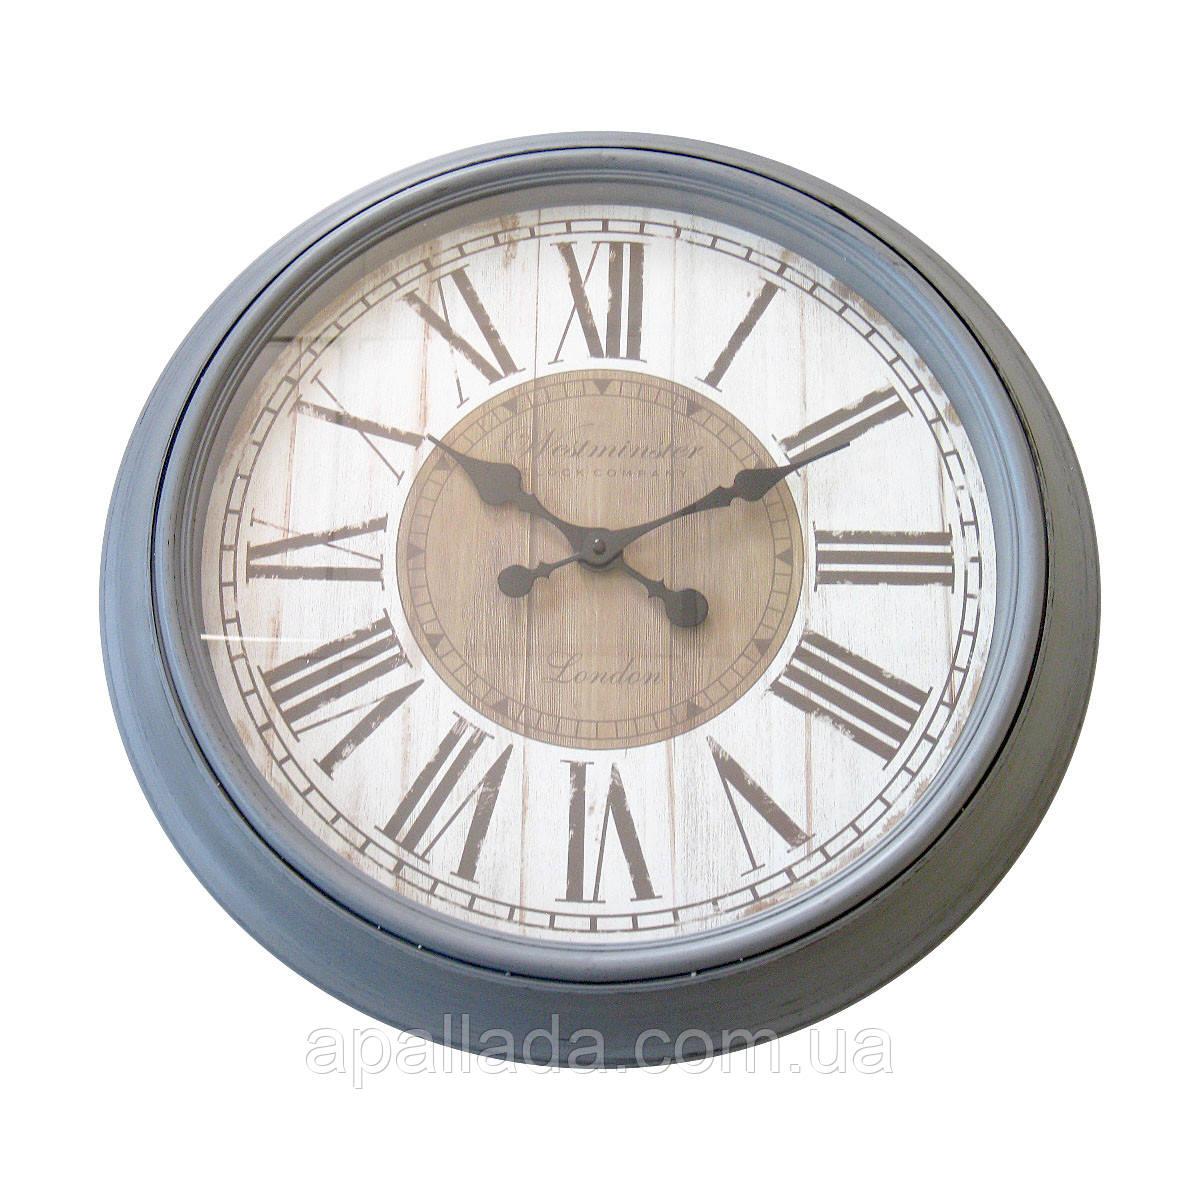 Годинник настінний, 56 см